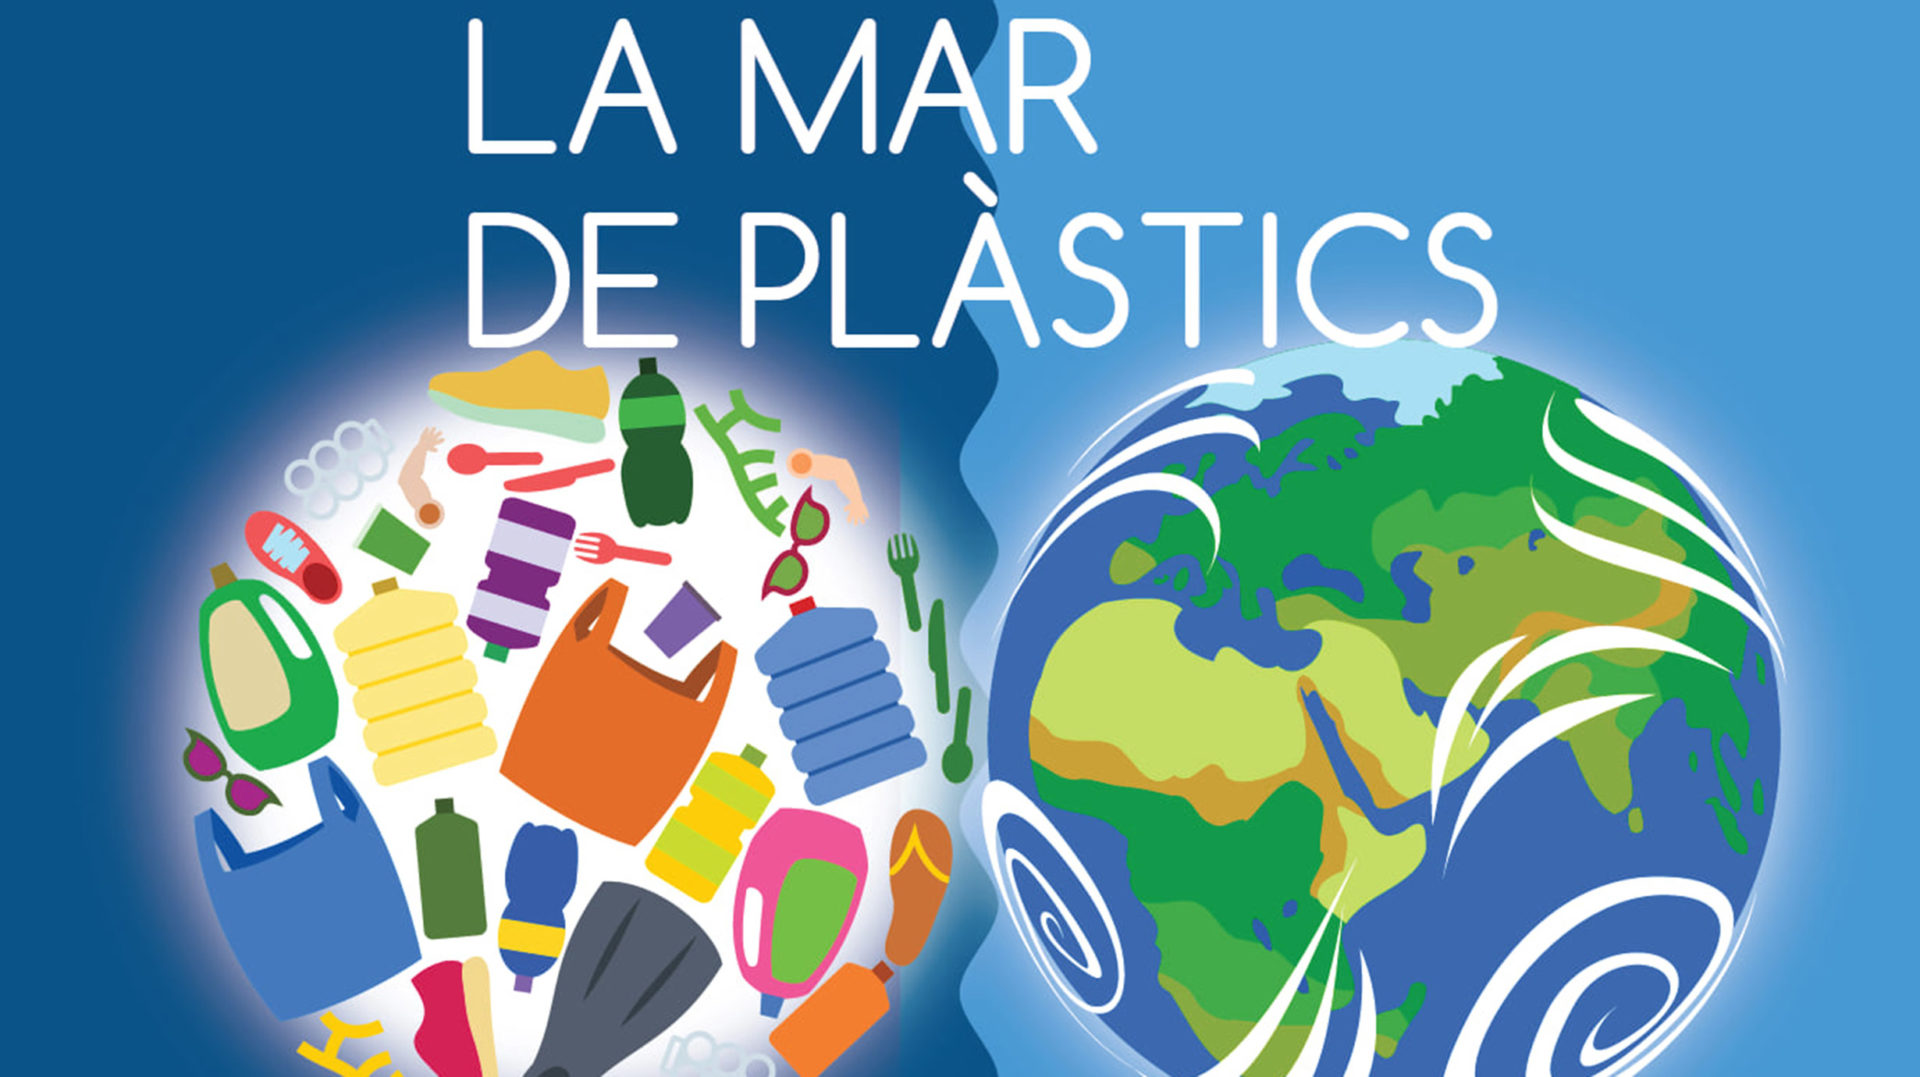 La mar de plàstics